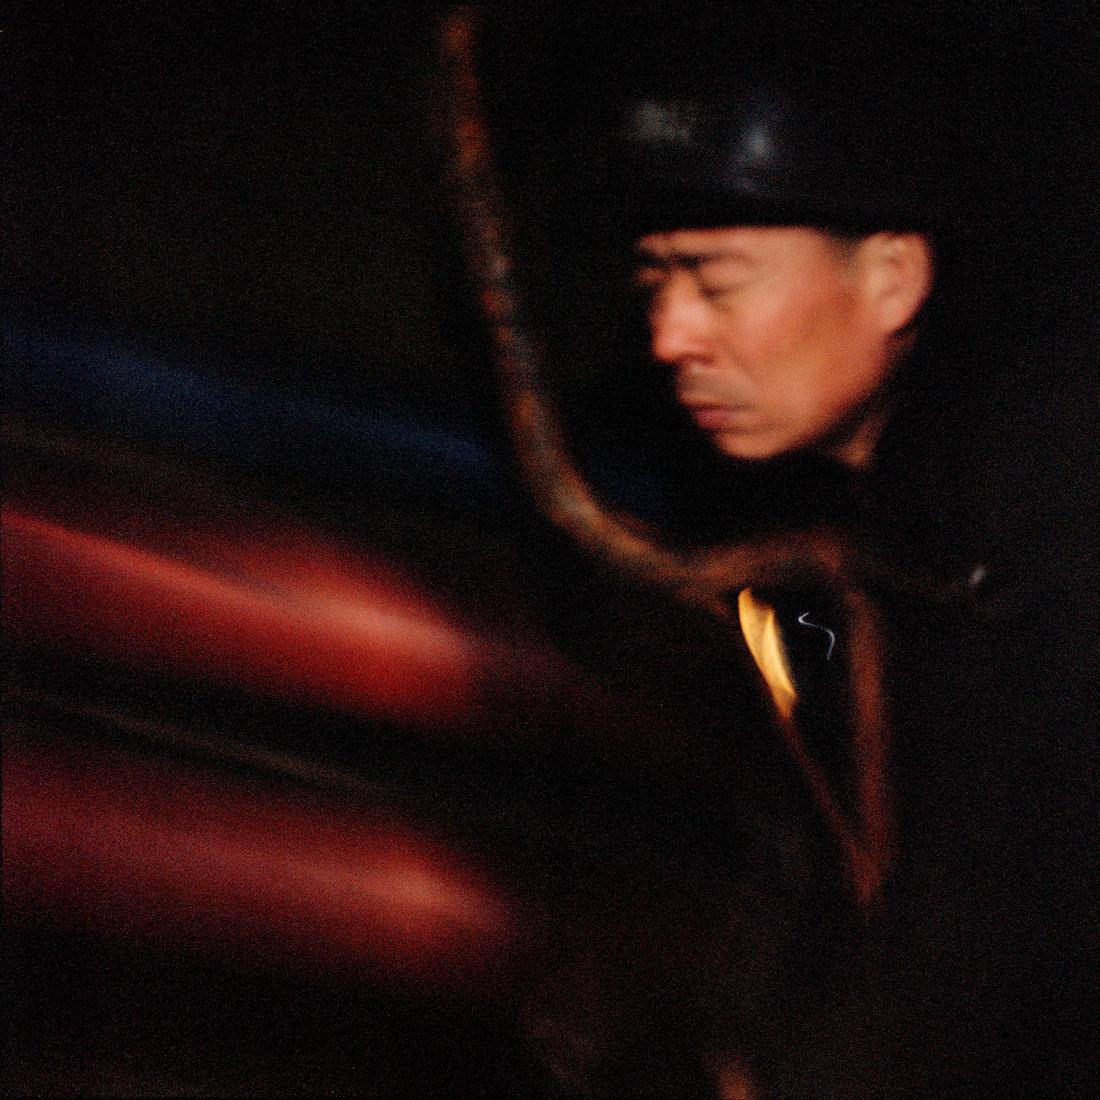 China, Binnen Mongolie, Qia Bu Qi, 11-03-2009 China, Inner Mongolia, Qia Bu Qi, 11-03-2009 De staatsmijn Ping Gou in het dorpje Pia Bu Qi ten zuiden van de Wuhai. een modern uitgerustte steenkolenmijn in China. PHOTO AND COPYRIGHT ROGER CREMERS